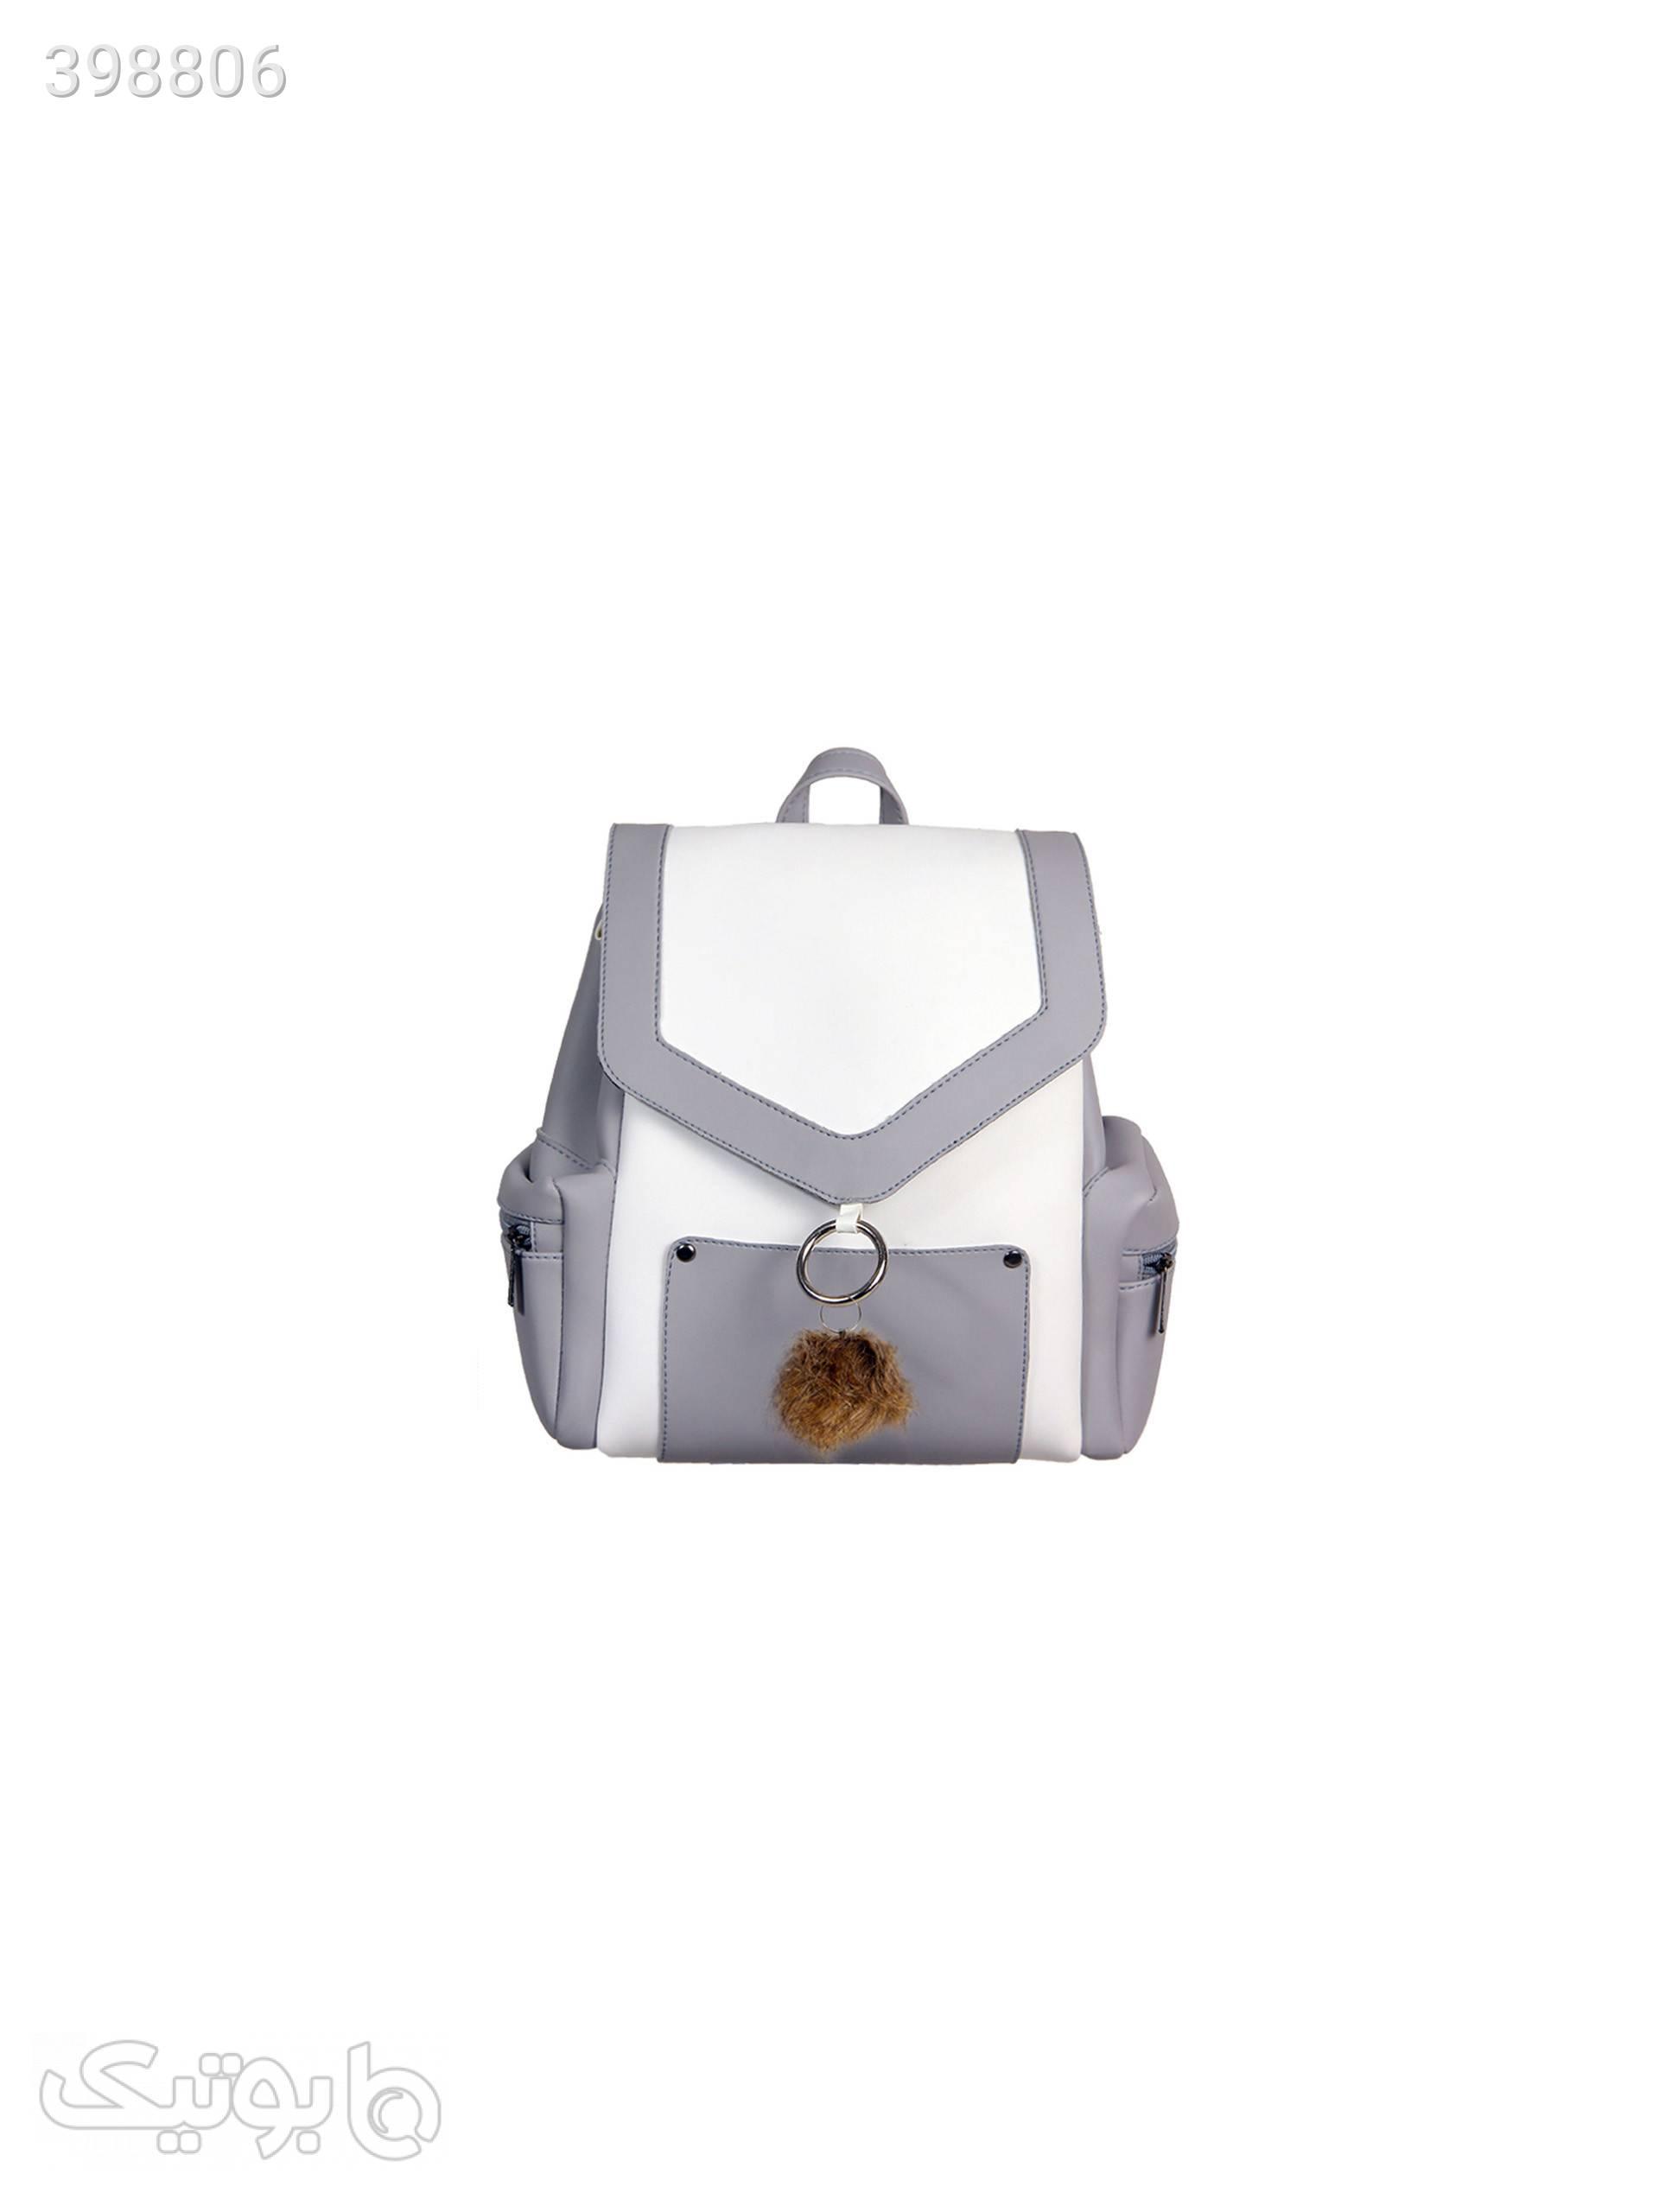 کوله پشتی زنانه LNZ-BG-01 طوسی کوله پشتی